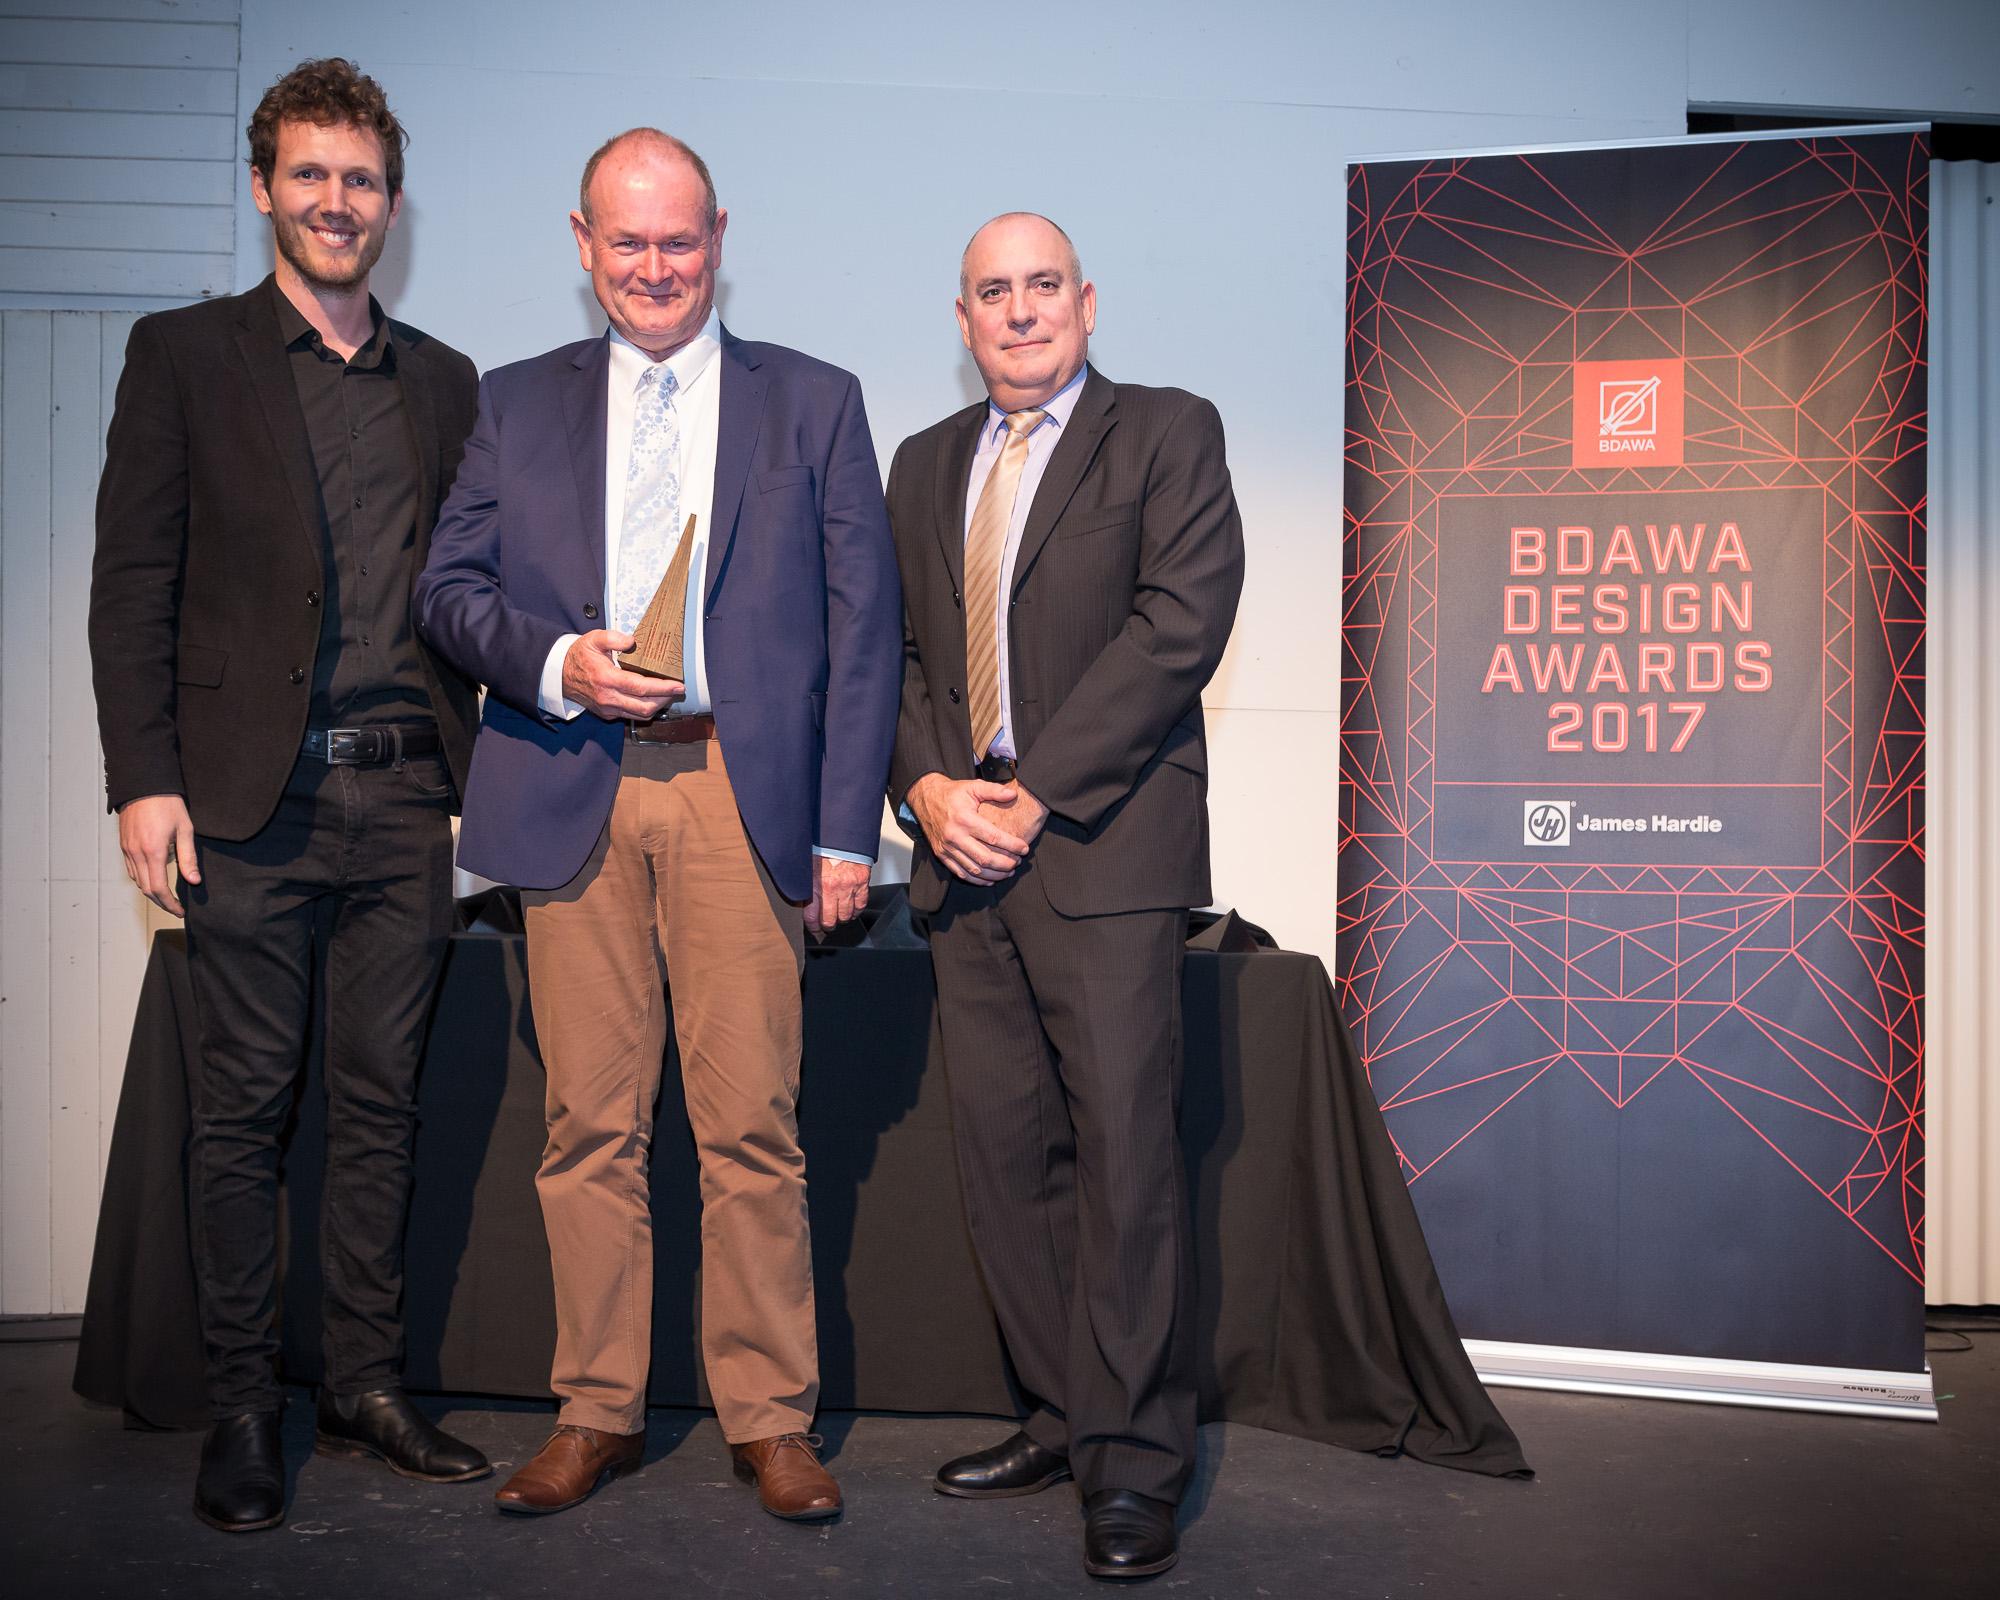 0140 BDA WA Awards 2017 _JHG7366.jpg